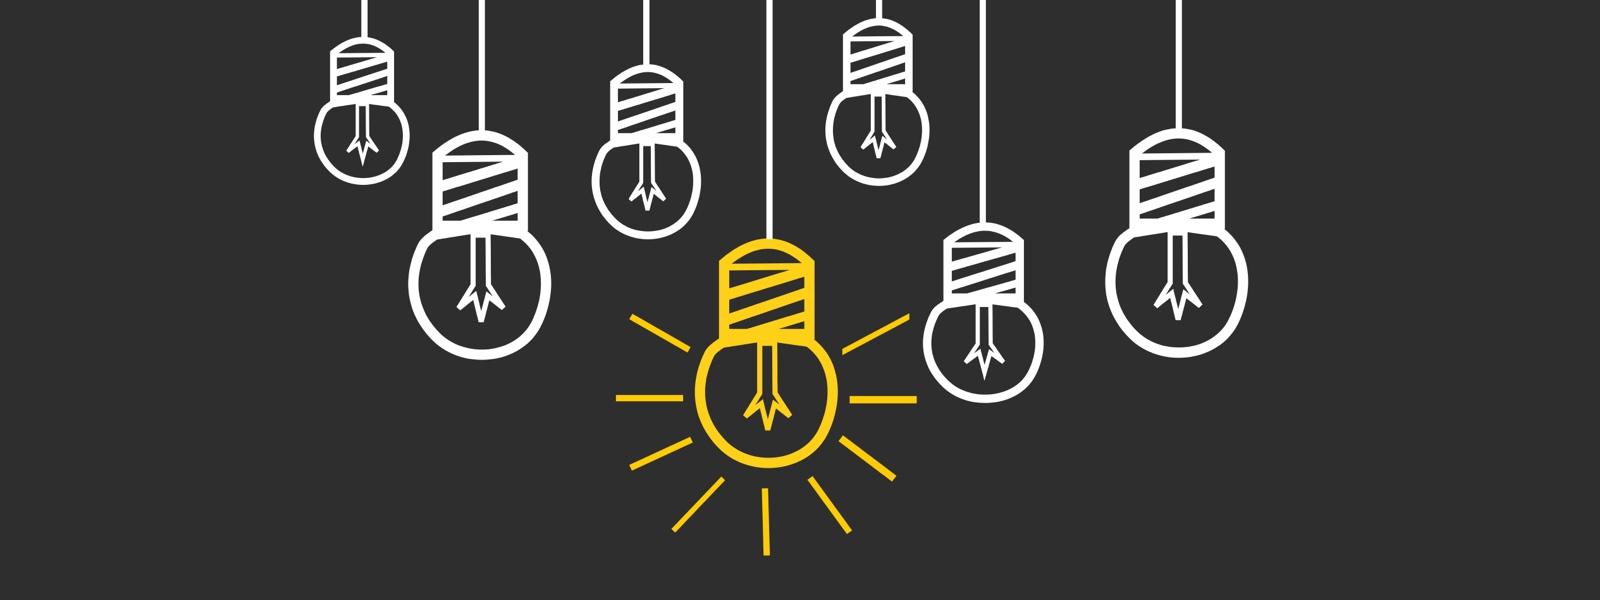 Email Signature Blog | Digitech Branding - Digitech Branding